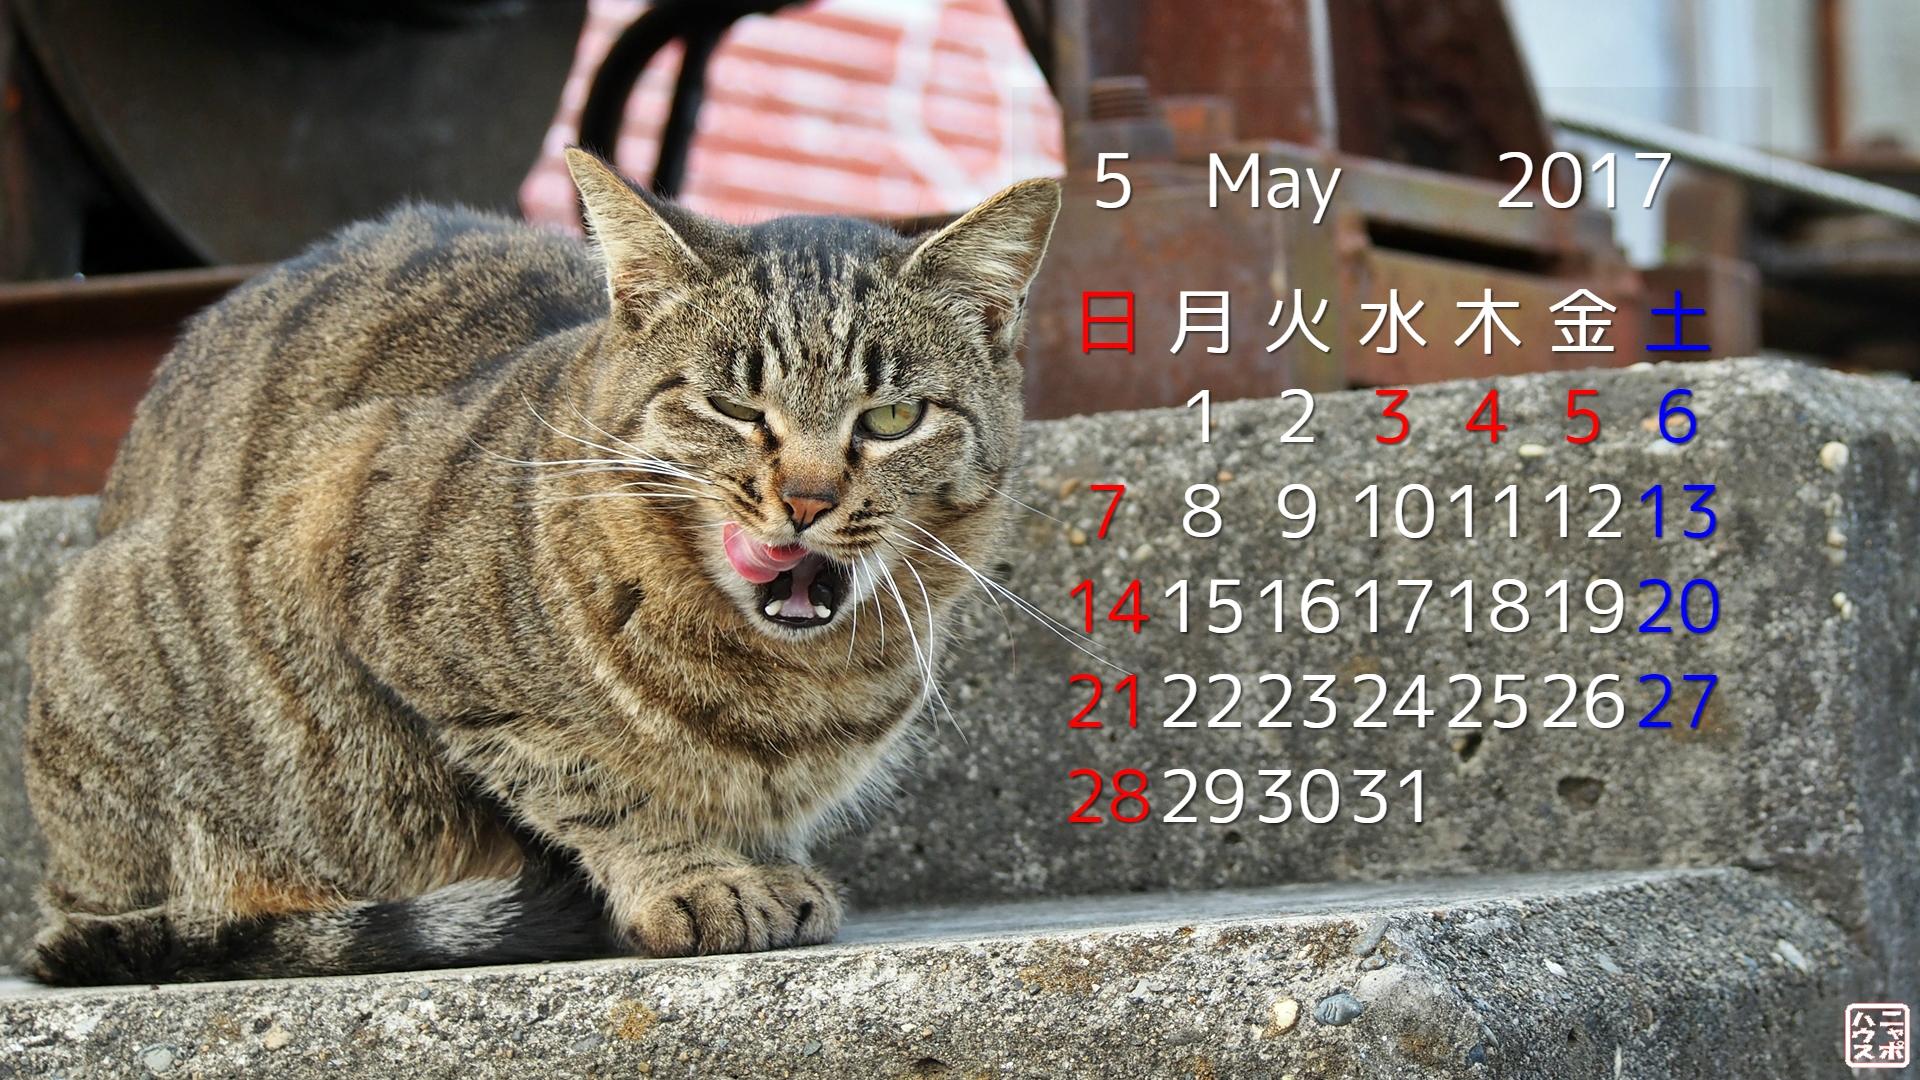 2017年4月 猫デスクトップカレンダー